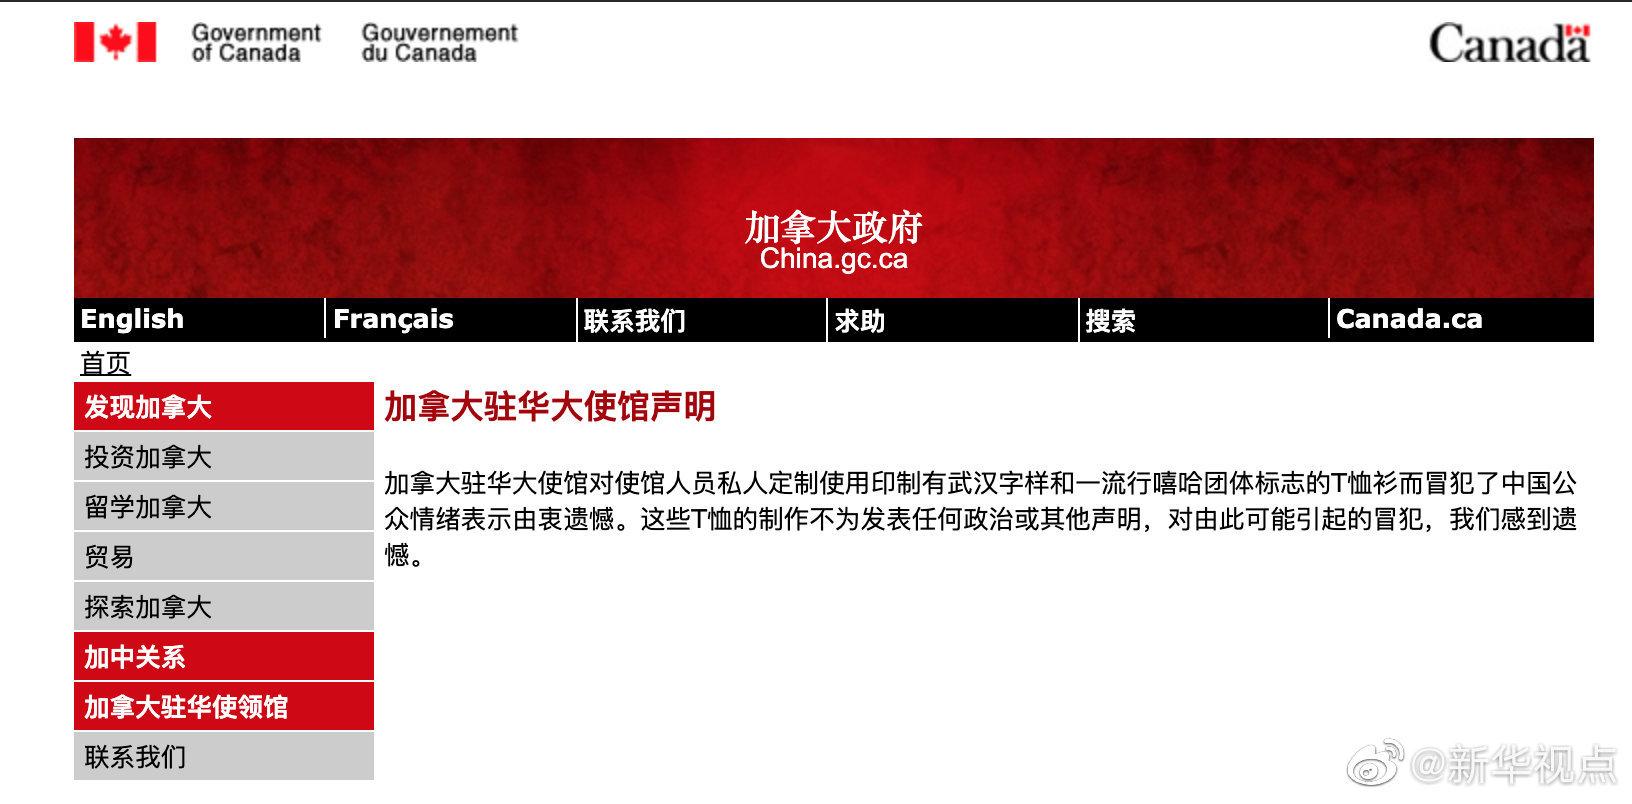 加方承认使馆人员订制文化衫冒犯了中国公众情绪 汪文斌说加方应引以为戒